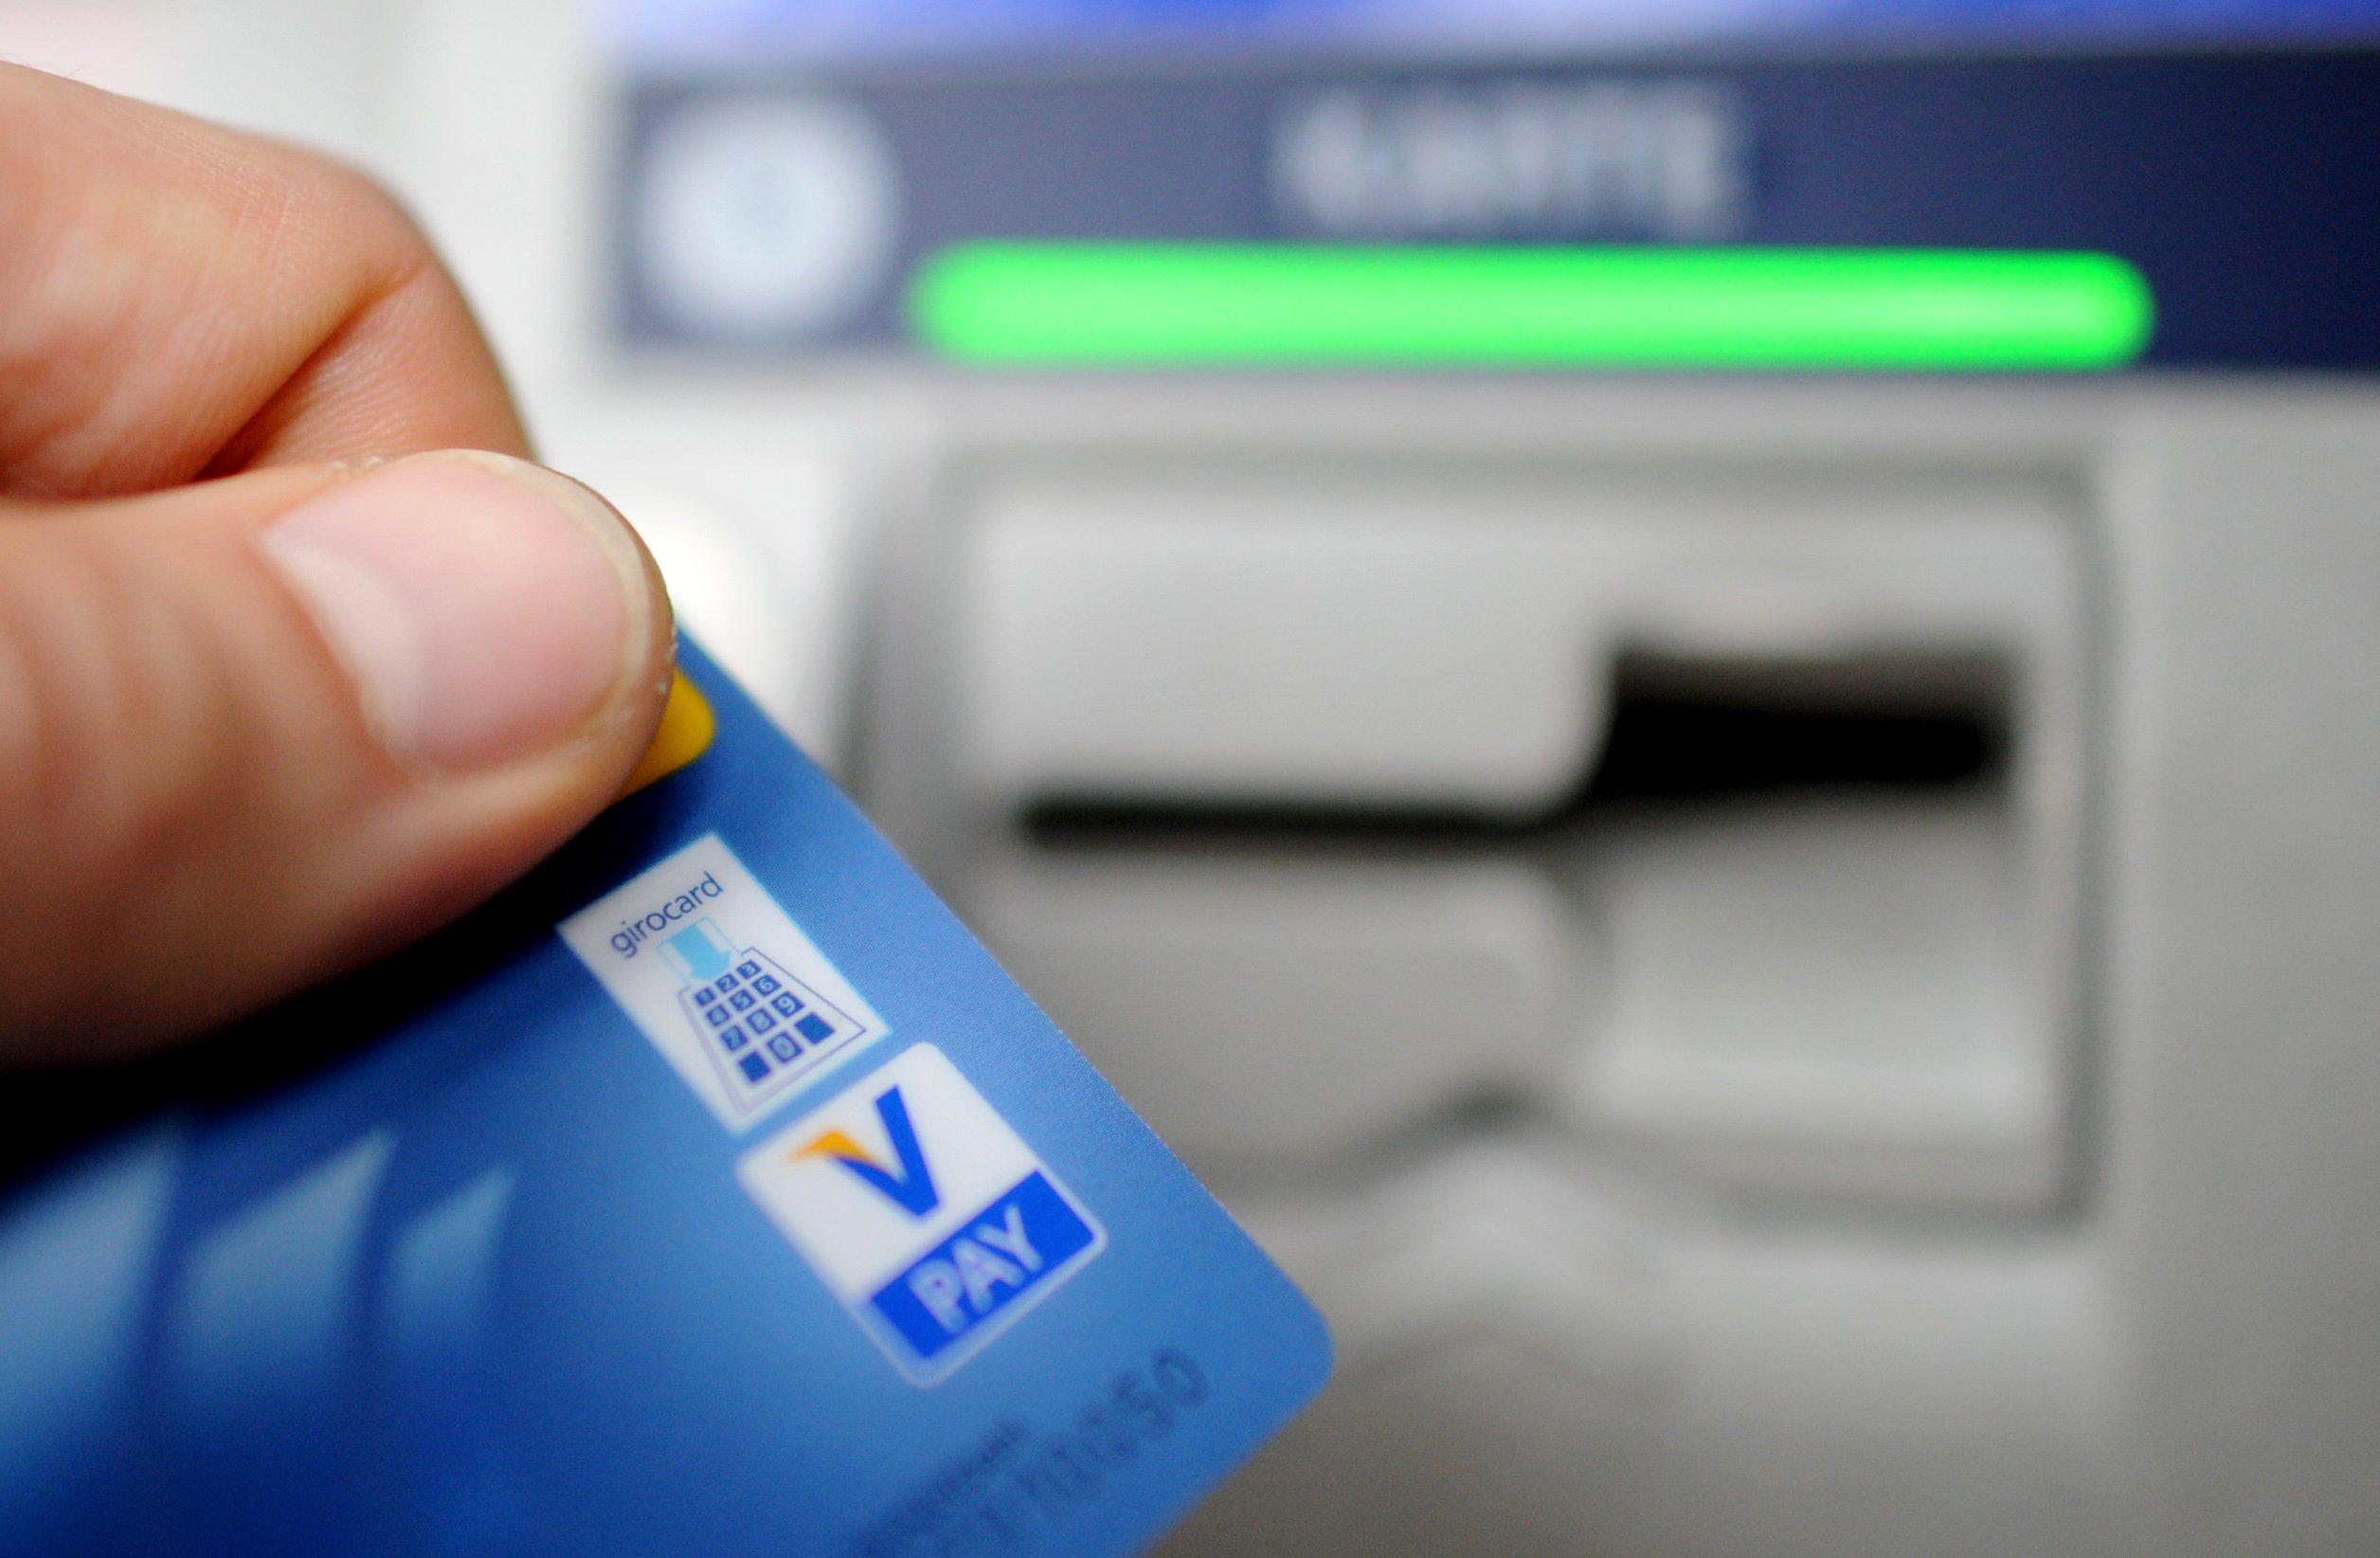 Durch eine Cyber-Attacke auf die Rechenzentren der Banken könnte es auch zu einem Ausfall der Geldautomaten kommen.